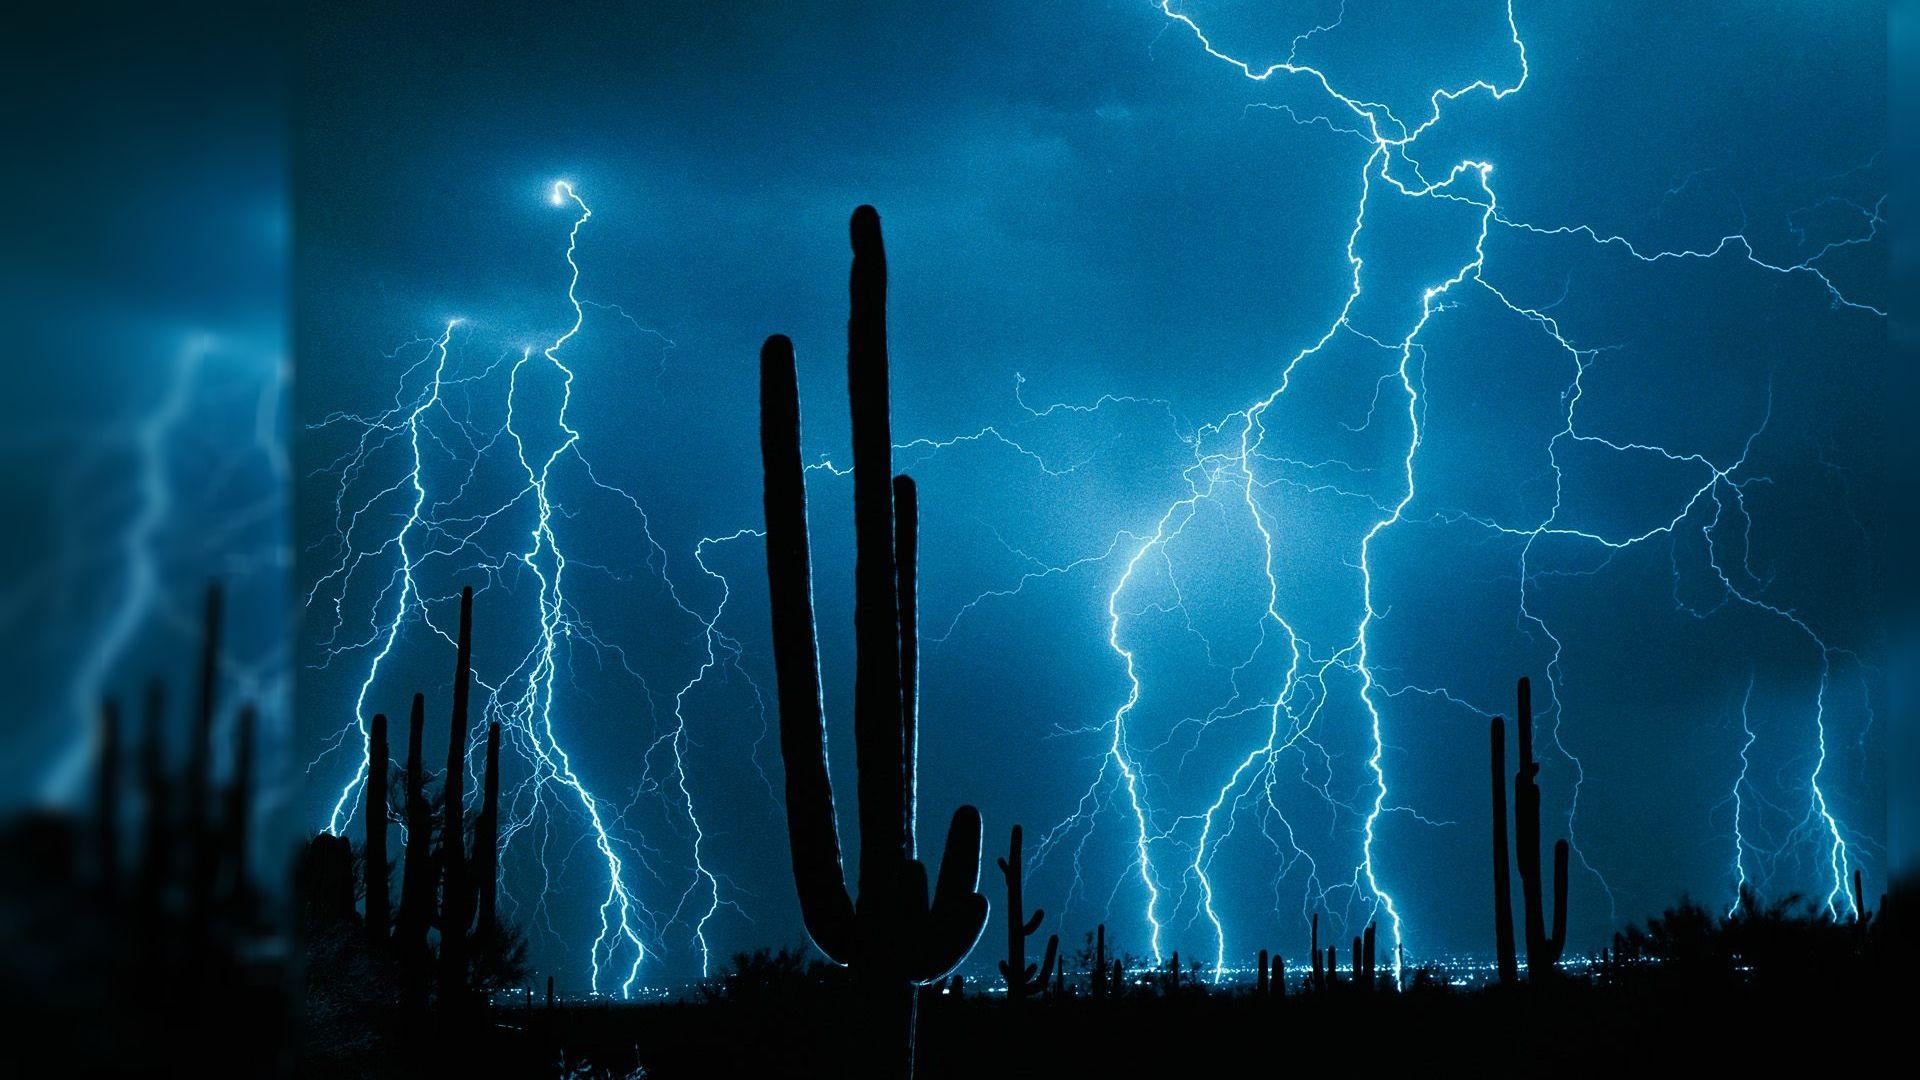 lightening storm over the desert | 40 Live Wallpapers In 4K Full HD For Free Download | thunder ...